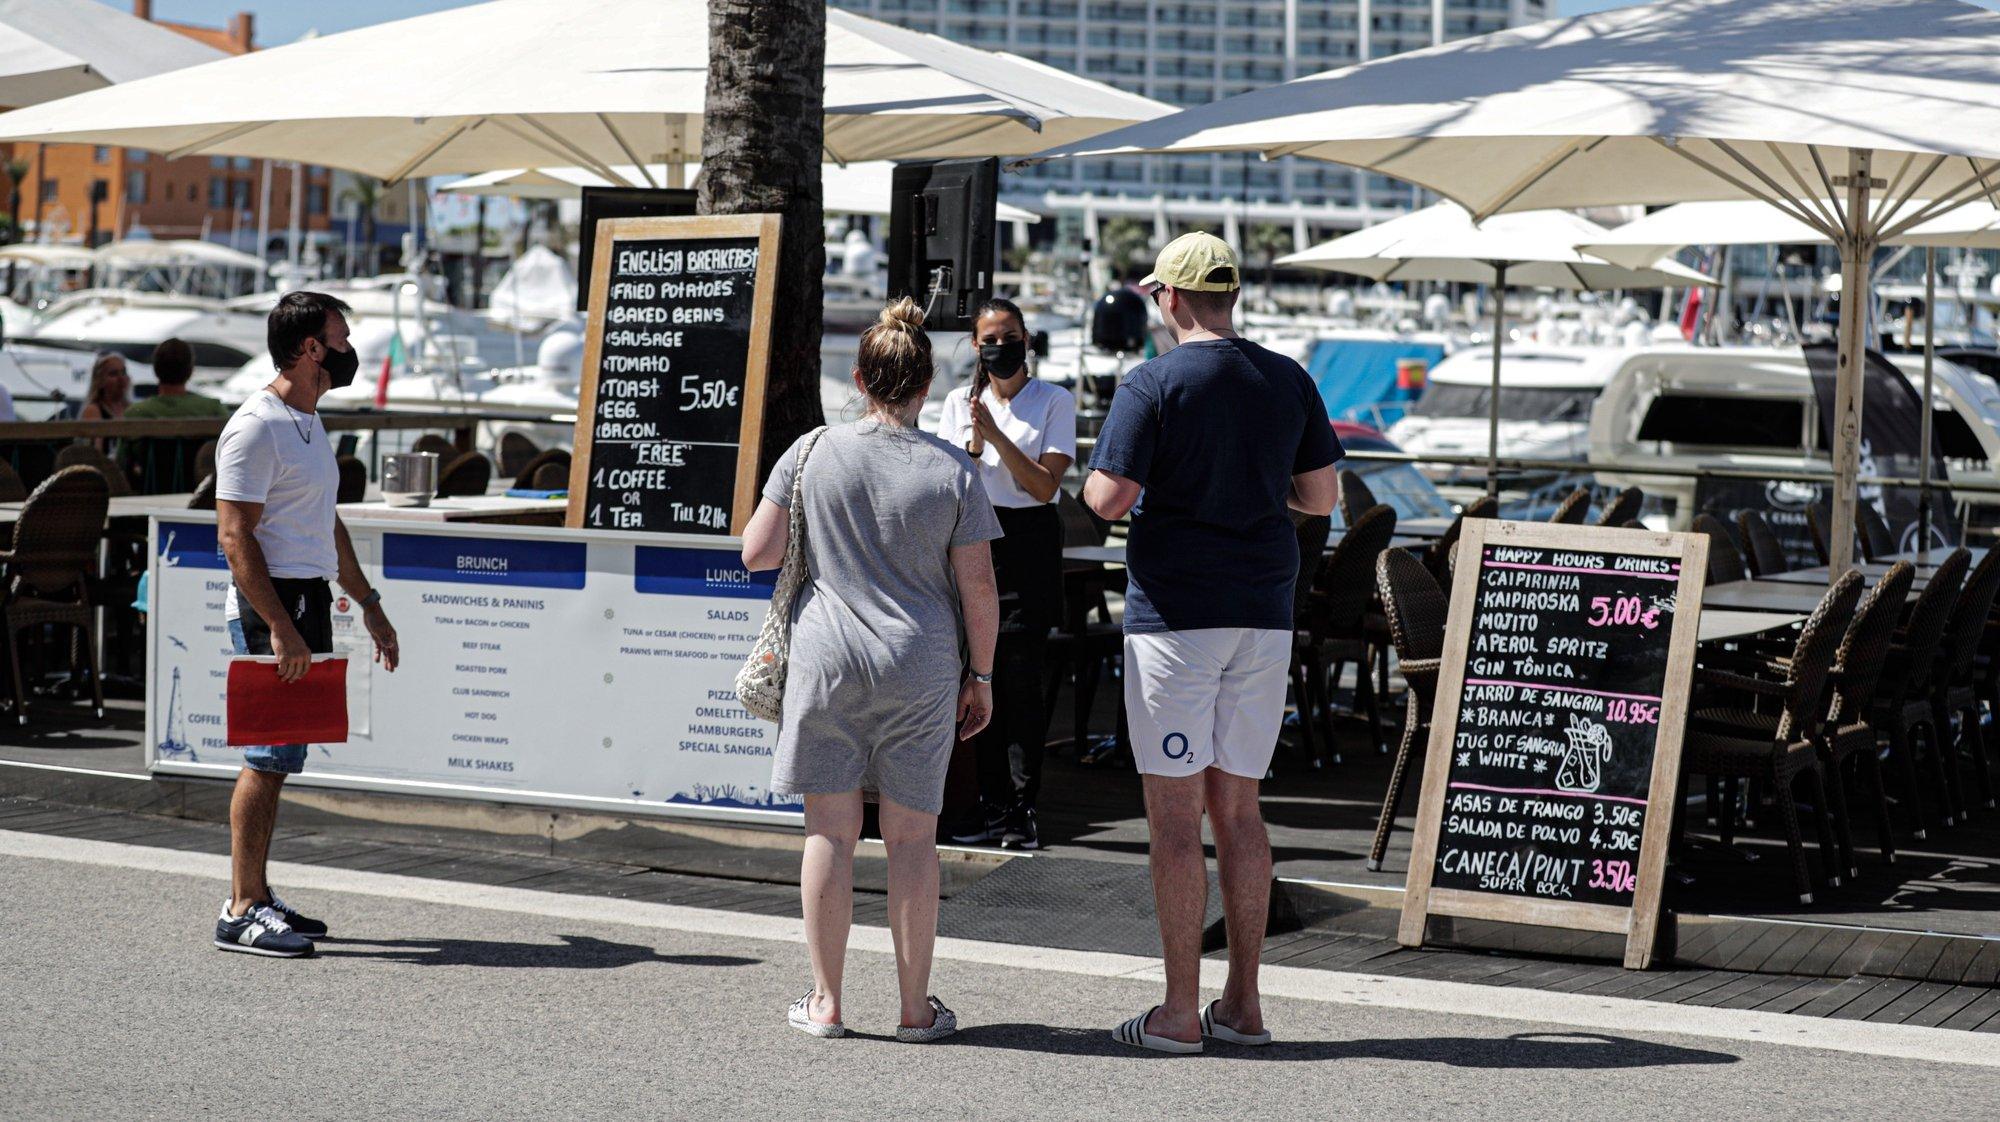 Turistas na marina de Vilamoura, 19 de maio de 2021. Dando início aos planos de retomada do turismo, Portugal passou a permitir na segunda - feira, 17 de maio, viagens não essenciais do Reino Unido e de países da União Europeia, o que fez com que muitos turistas se deslocassem de férias para o Algarve.        (ACOMPANHA TEXTO) LUÍS FORRA/LUSA